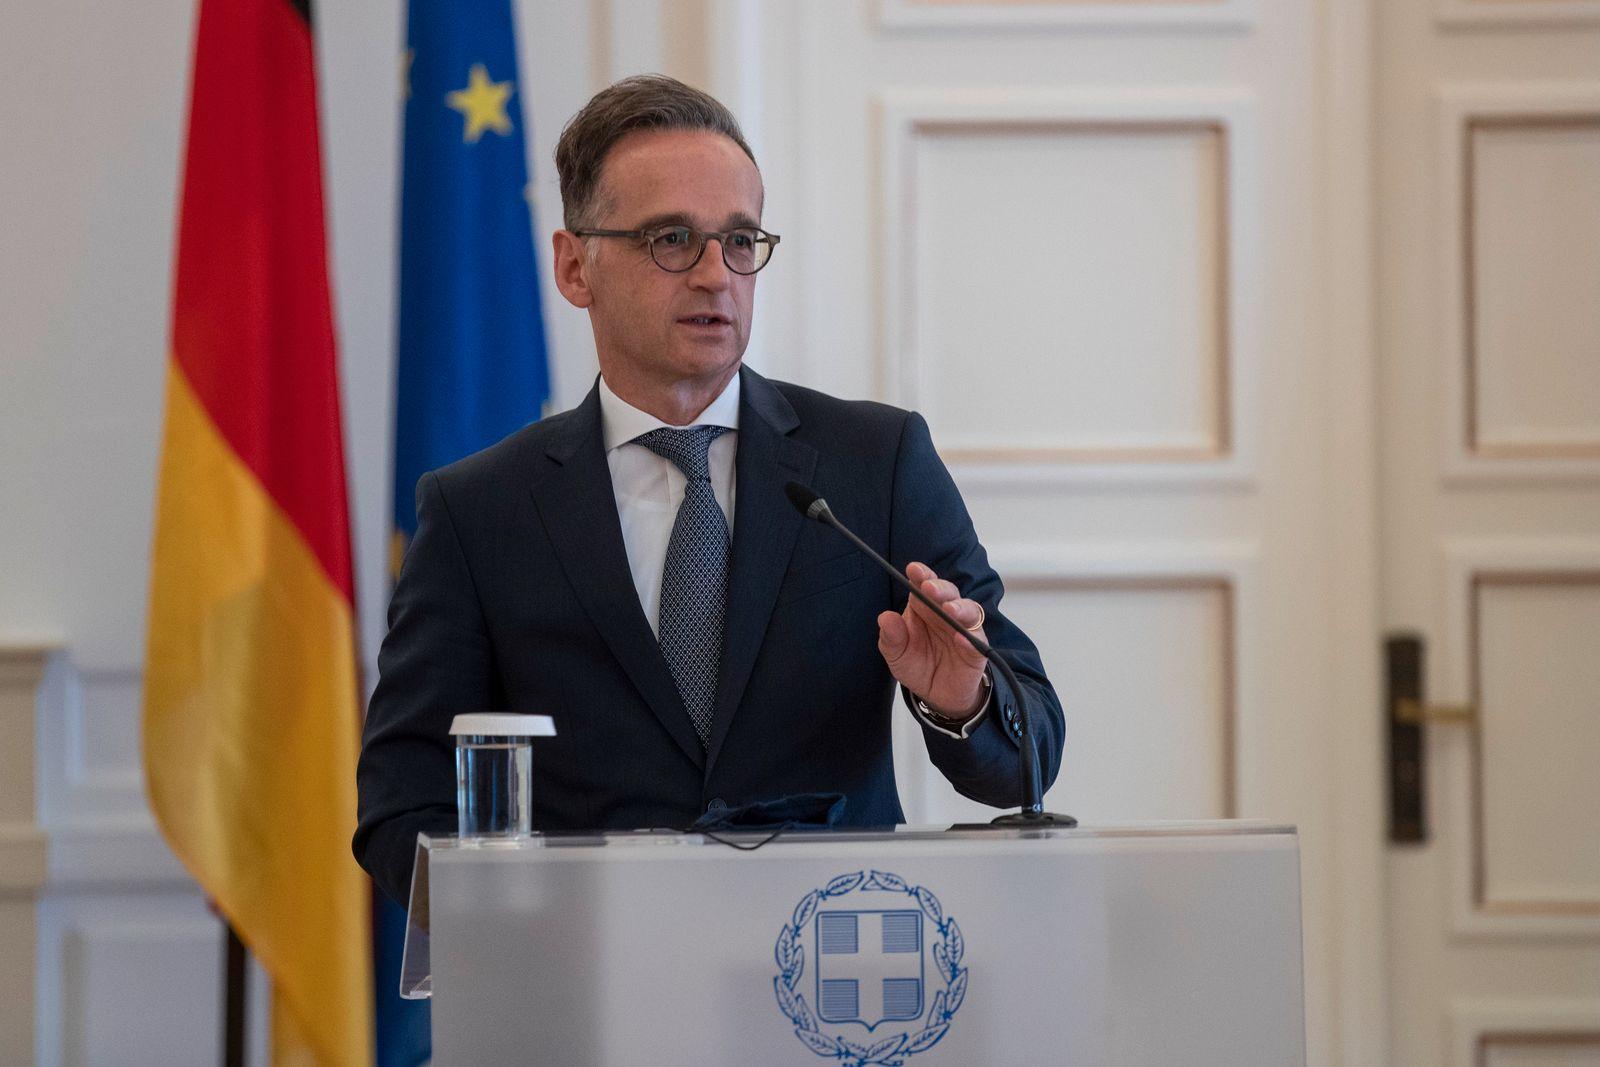 Außenminister Maas in Griechenland